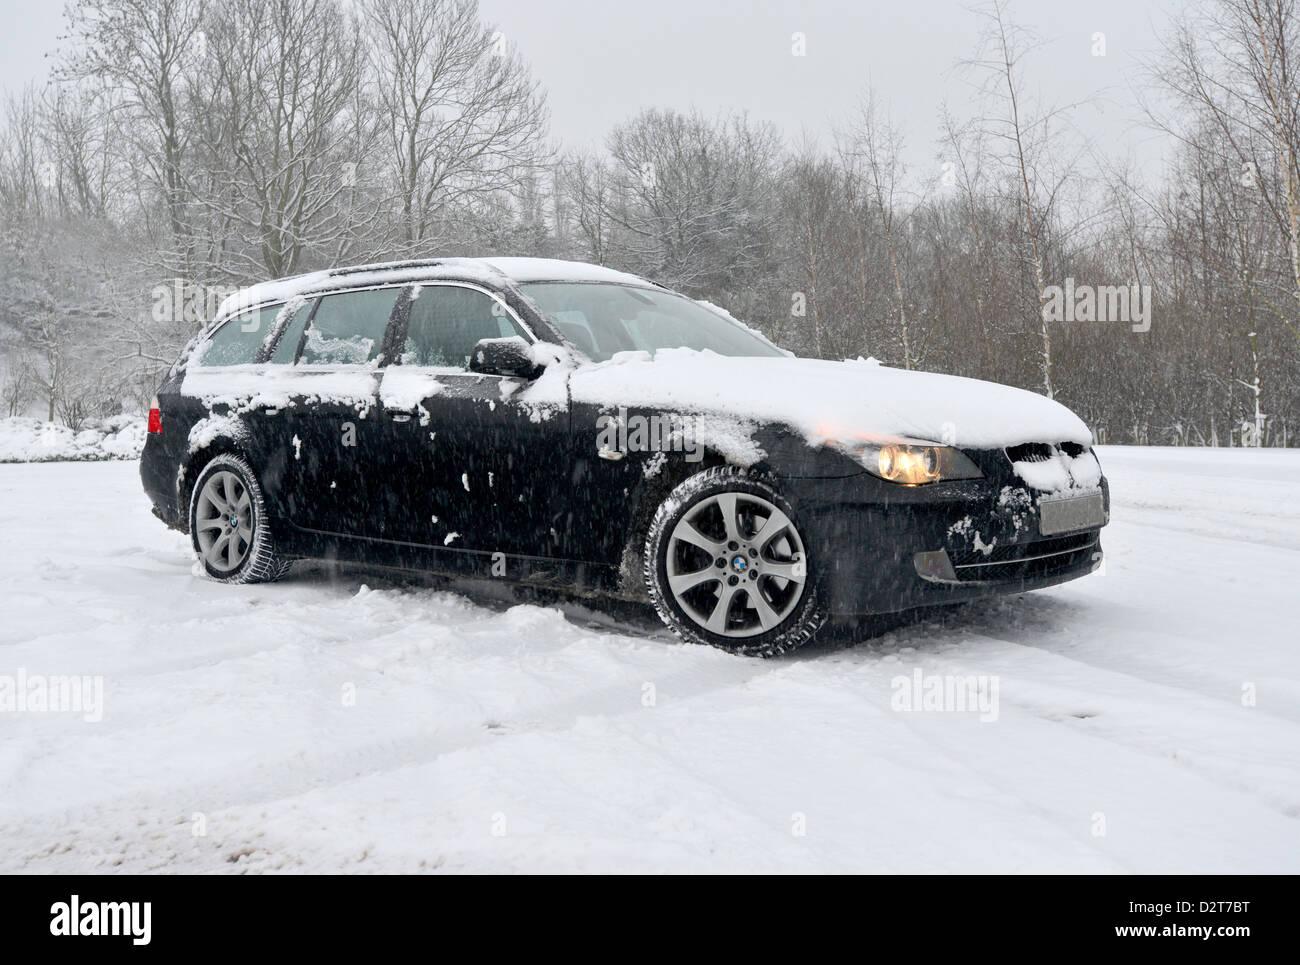 Bmw 520d 5 series rear wheel drive car in heavy snow the e61 estate car